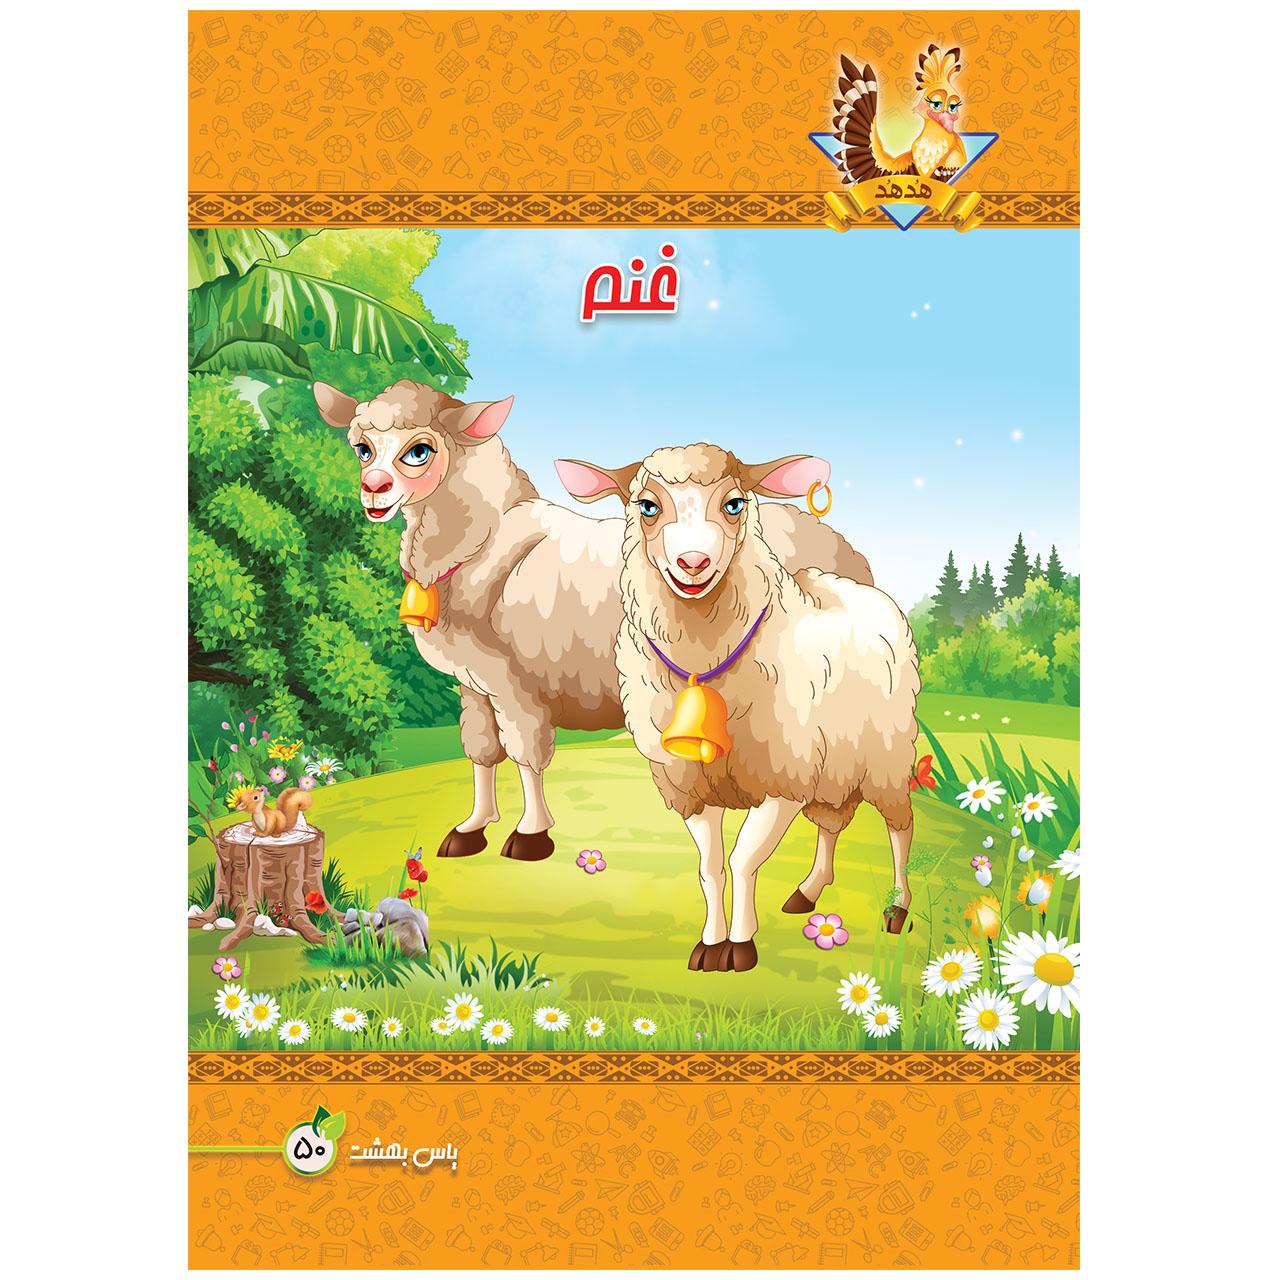 دفتر نقاشي 50 برگ ياس بهشت طرح گوسفند كد N509